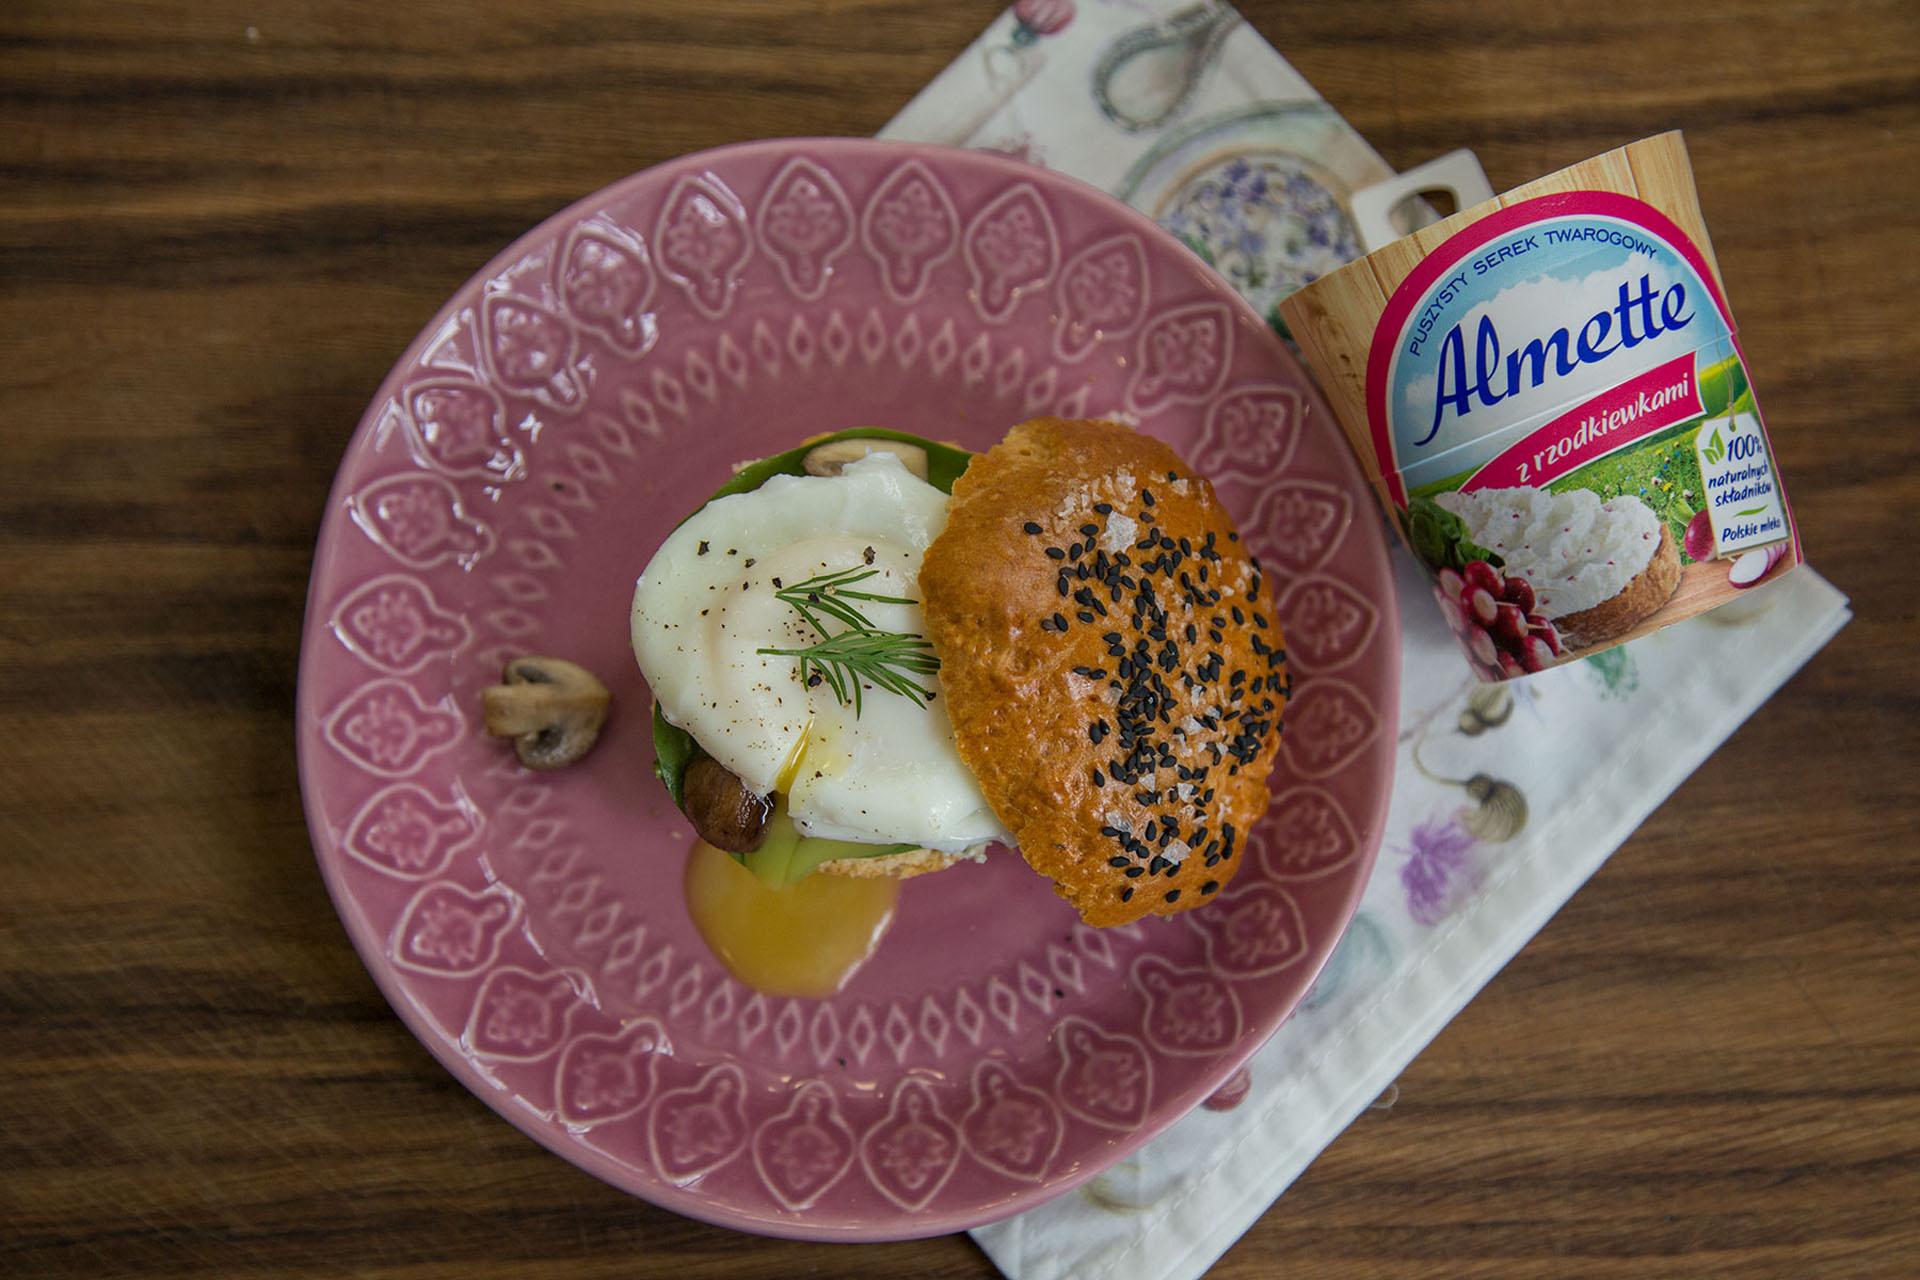 Angielskie scones pieczone, podane z serkiem Almette ze szpinakiem i czosnkiem oraz jajkiem w koszulce.